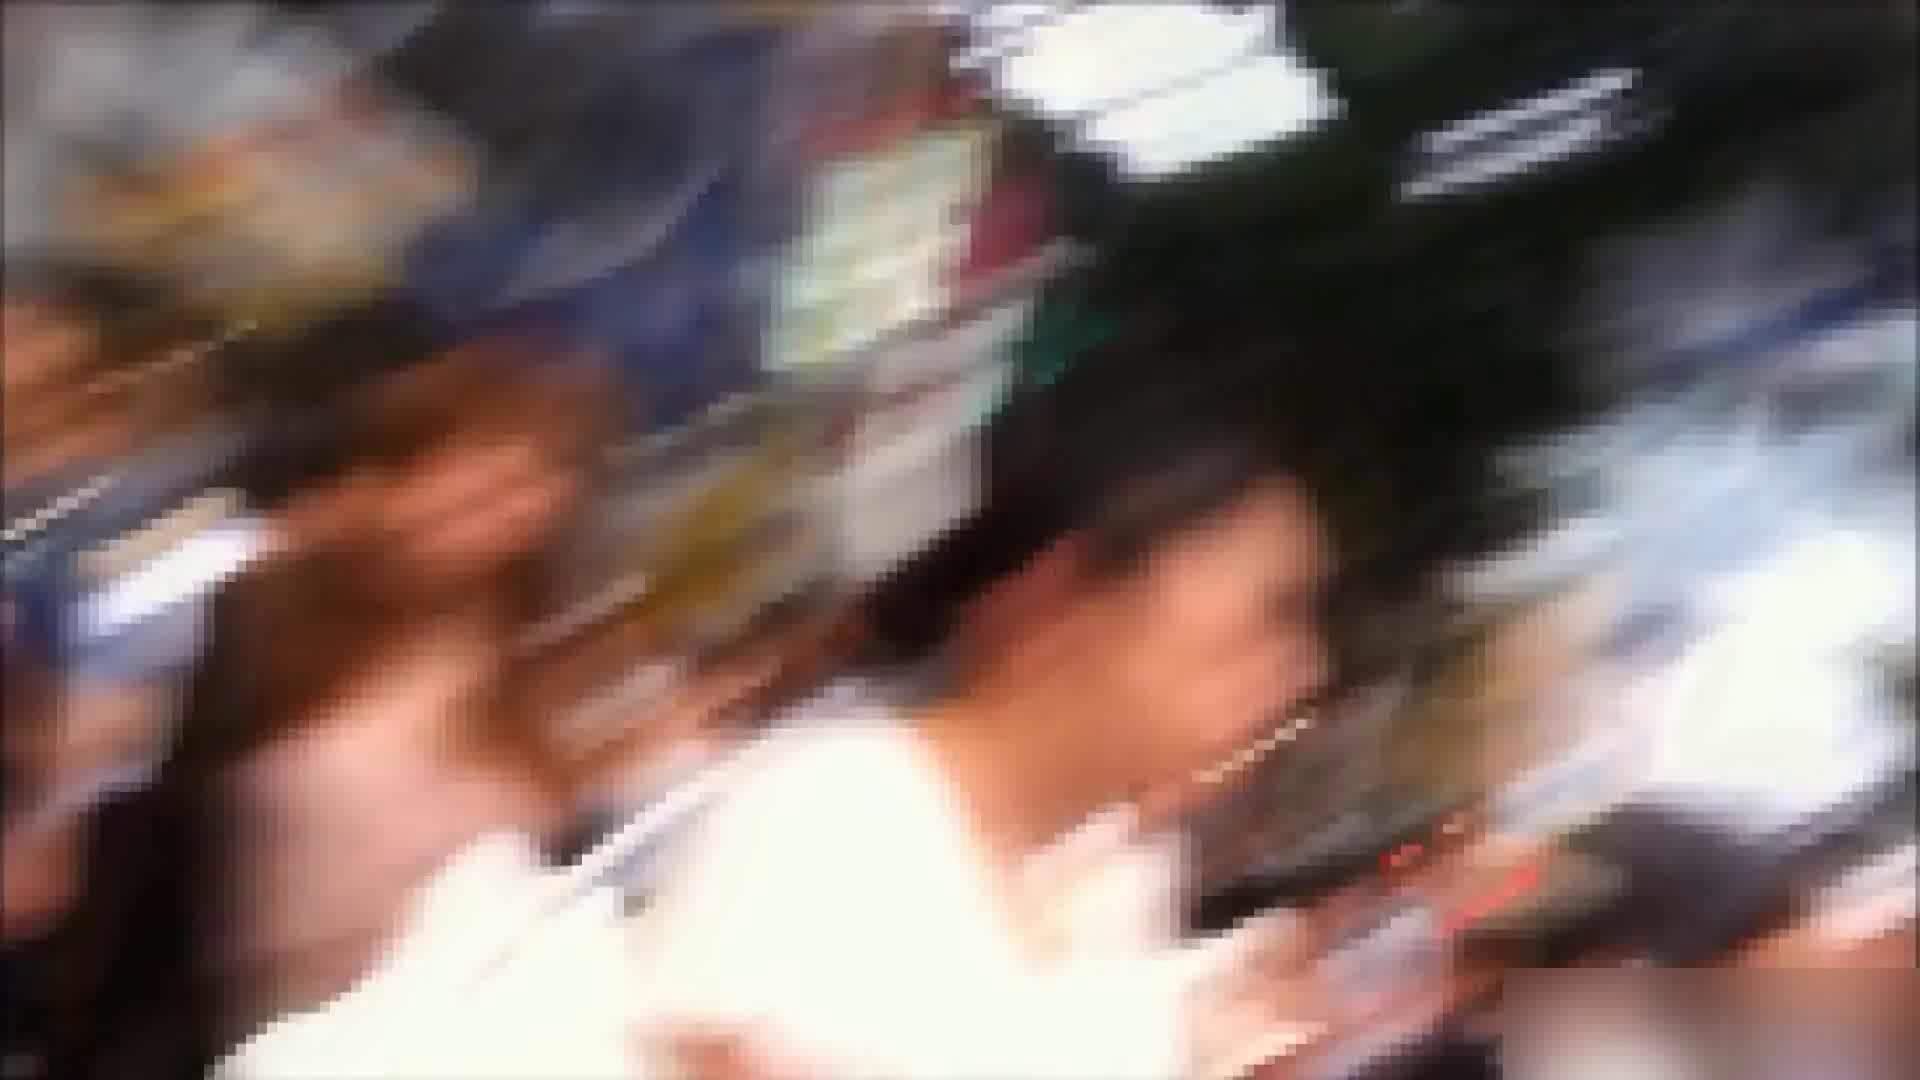 ガールズパンチラストリートビューVol.002 パンチラのぞき | エロティックなOL  70画像 21